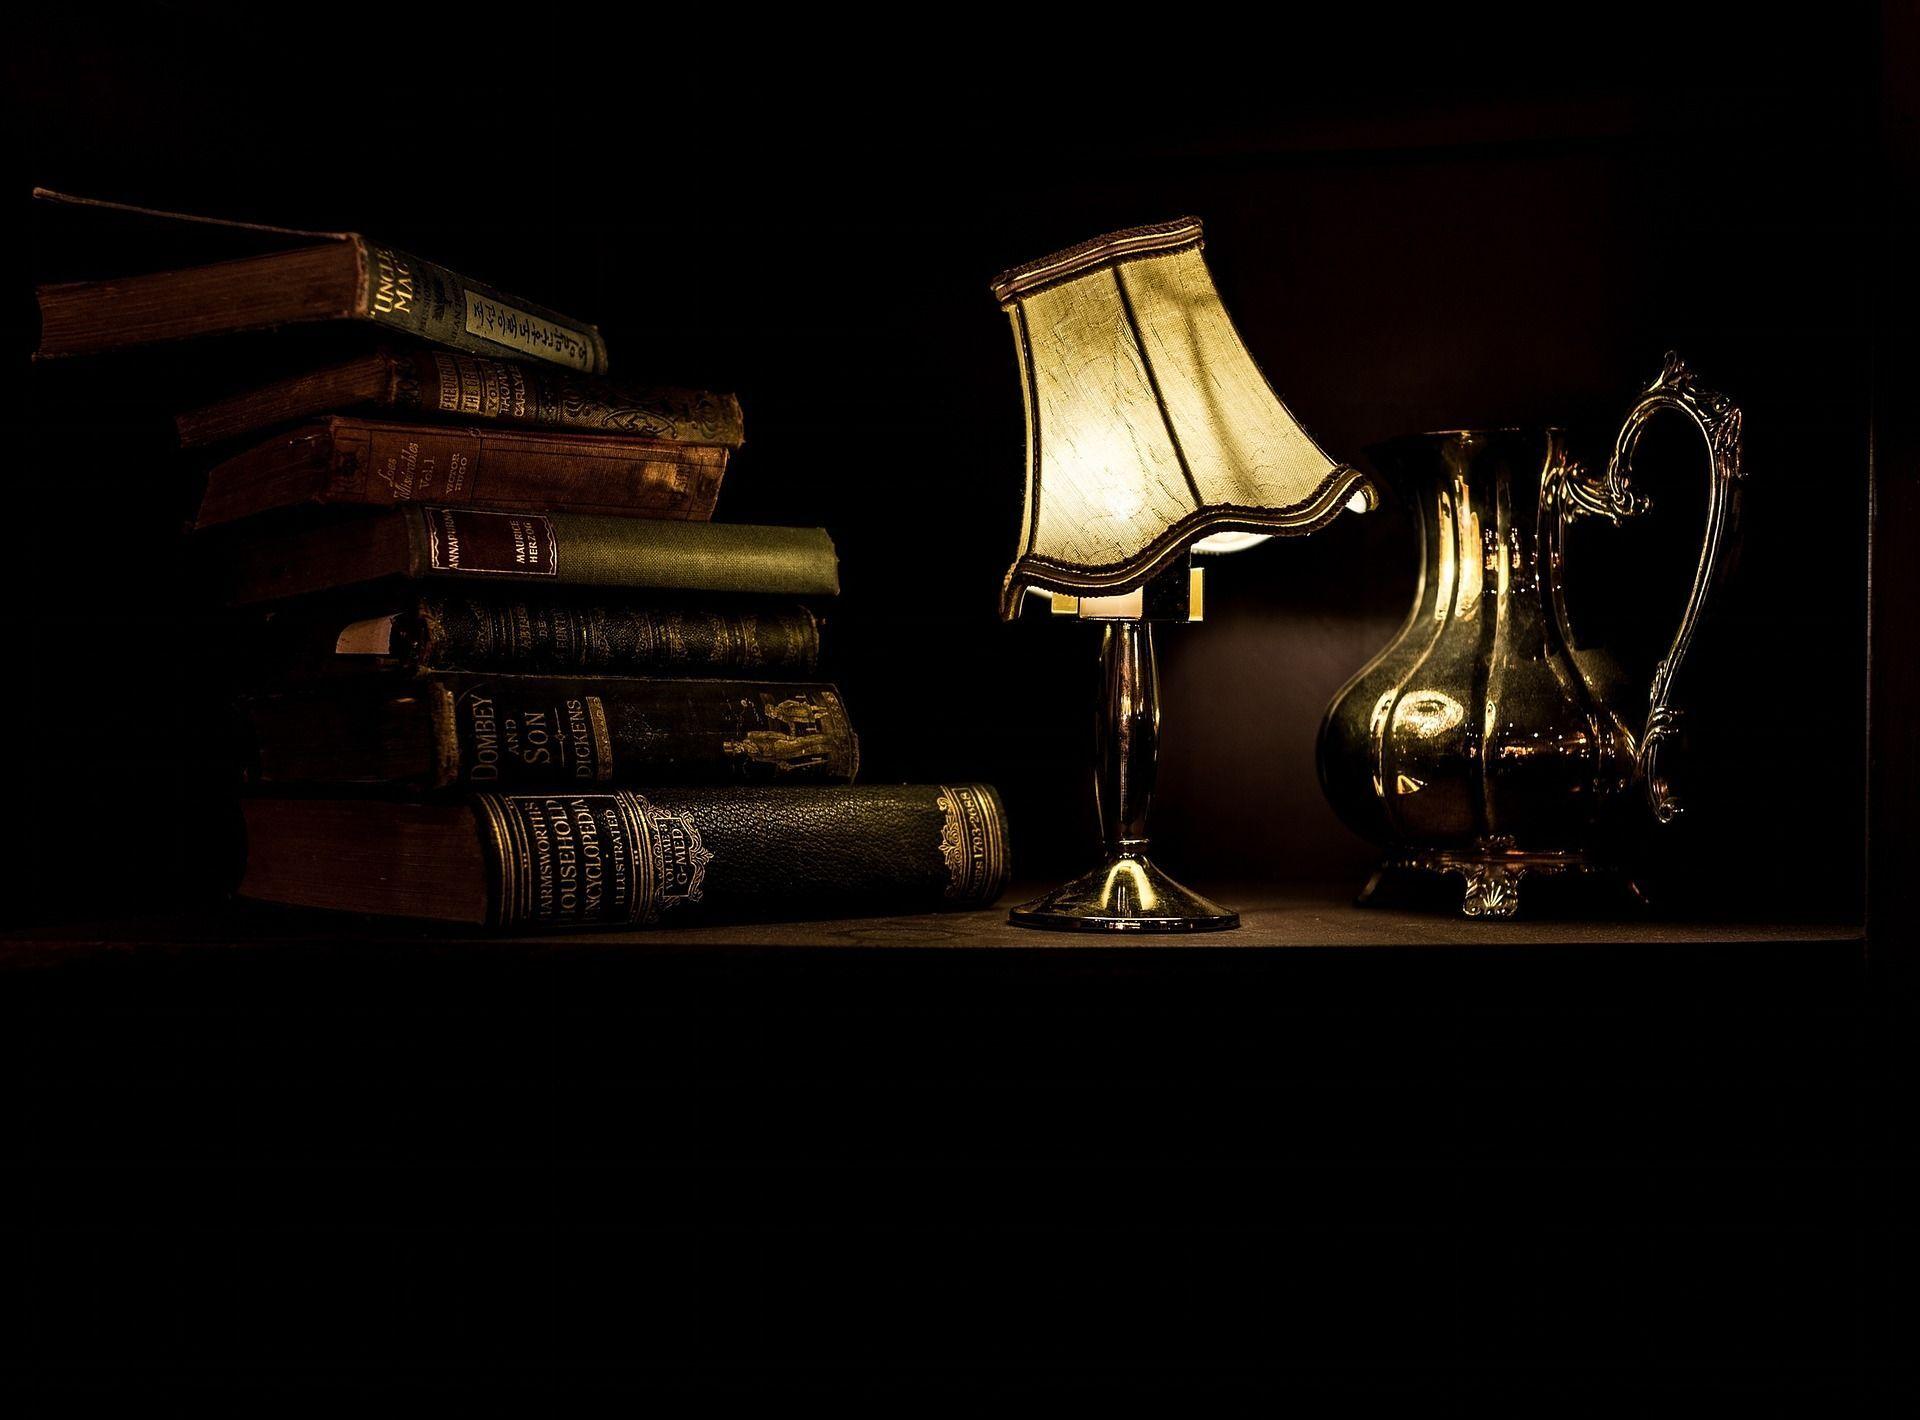 ძველი წიგნები და ღამის ნათურა საწერ მაგიდაზე - Sputnik Грузия, 1920, 30.09.2021